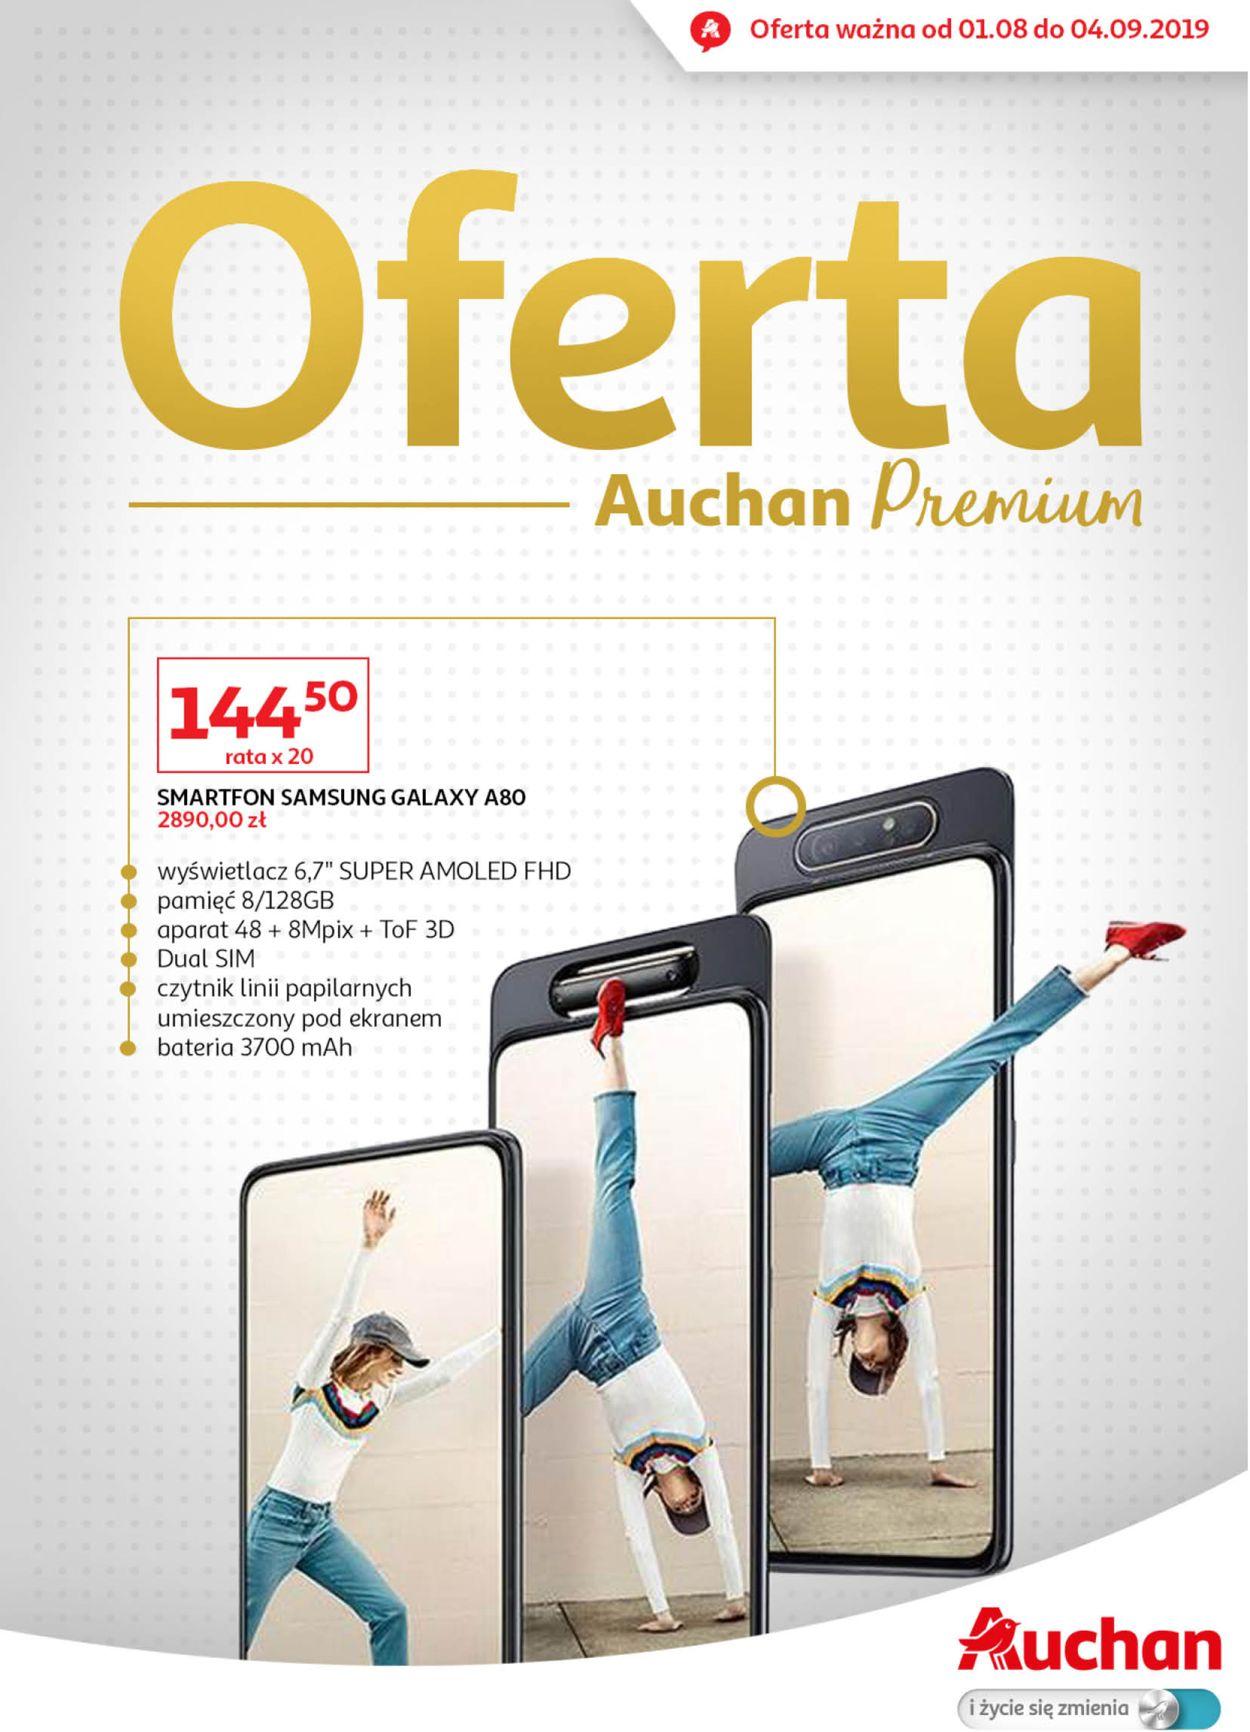 Gazetka promocyjna Auchan - 01.08-04.09.2019